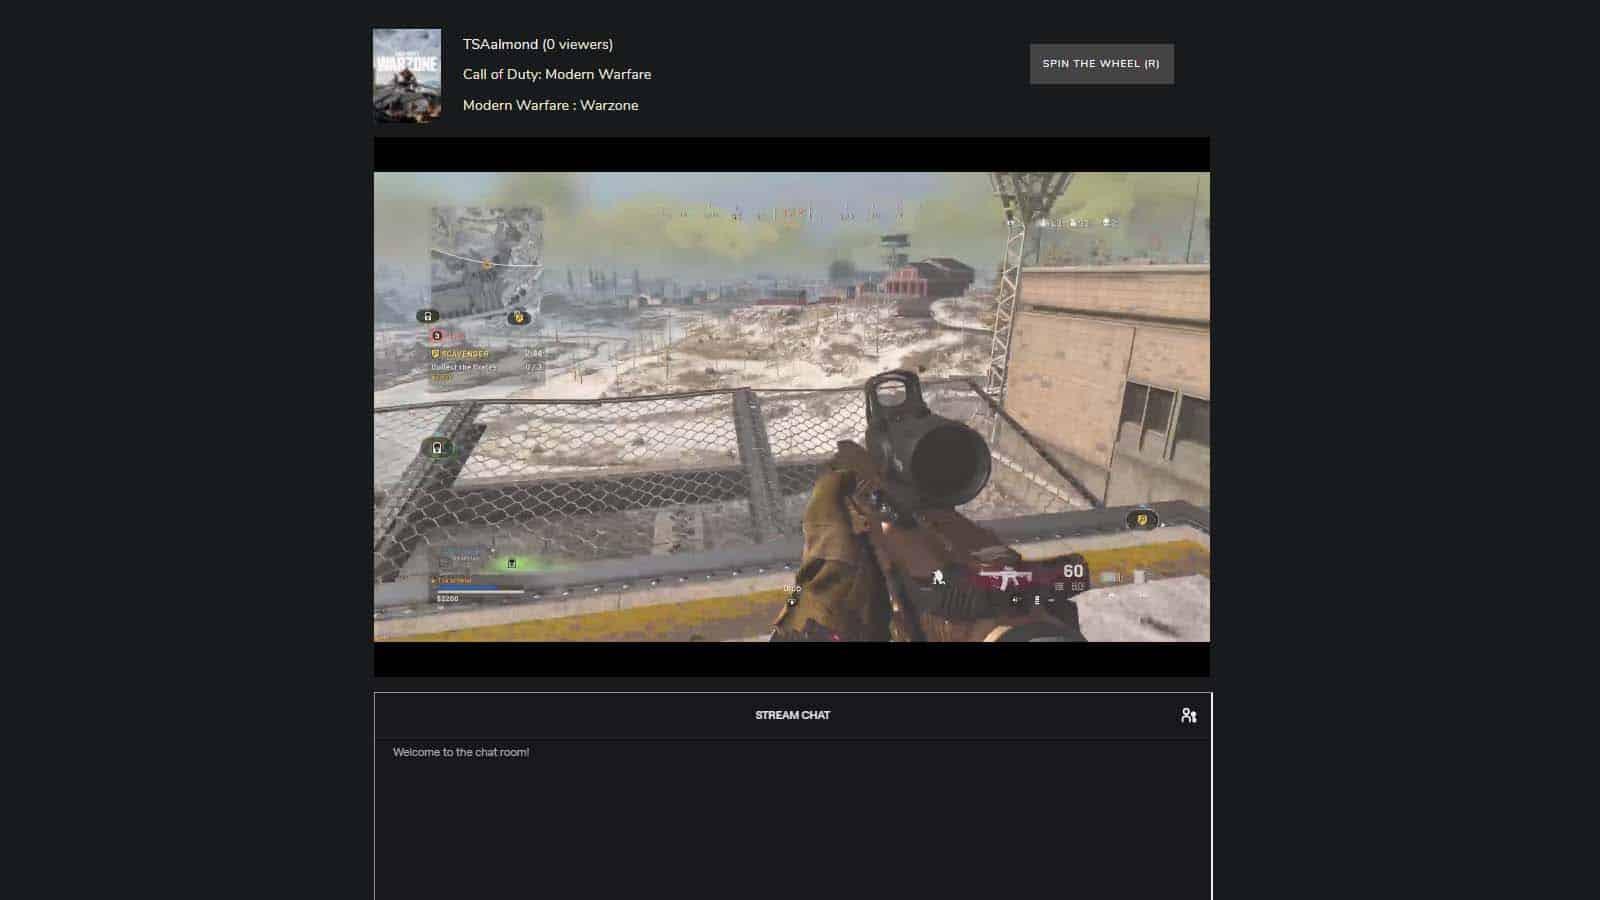 twitch roulette on desktop